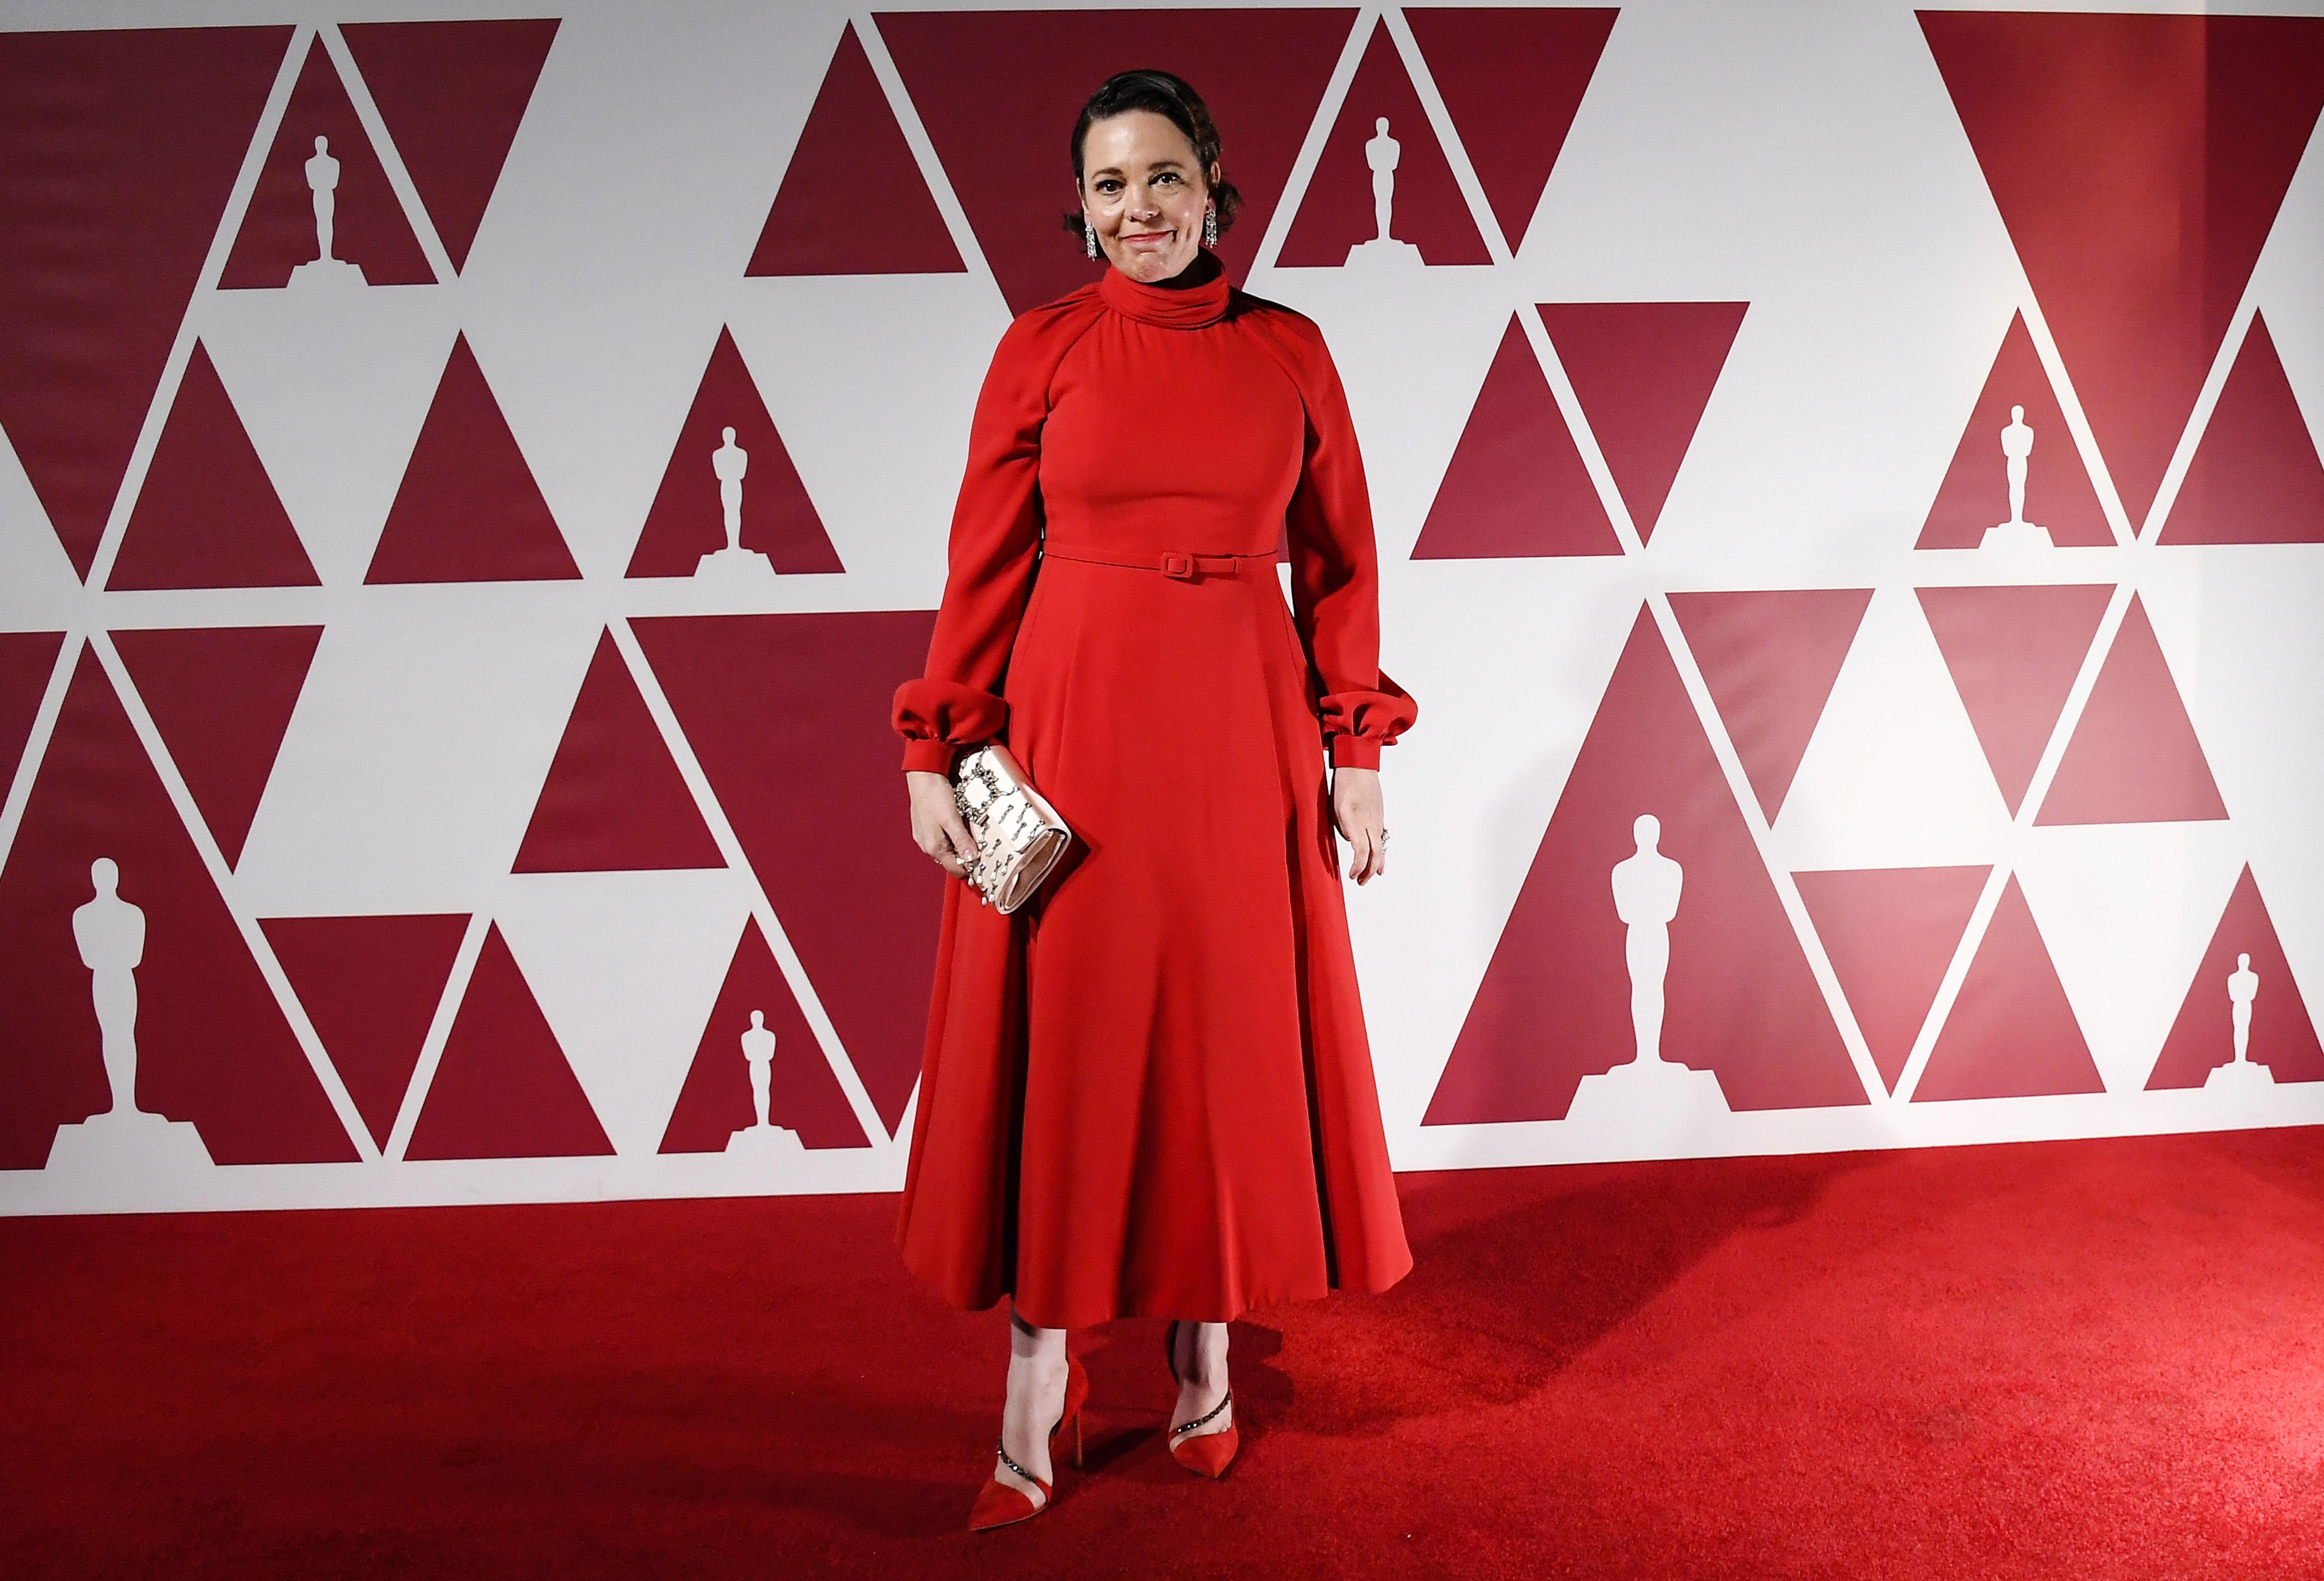 Olivia é uma mulher branca com cabelos castanhos curtos. Ela usa um vestido vermelho de mangas compridas e cinto da mesma cor. Carrega uma clutch branca.